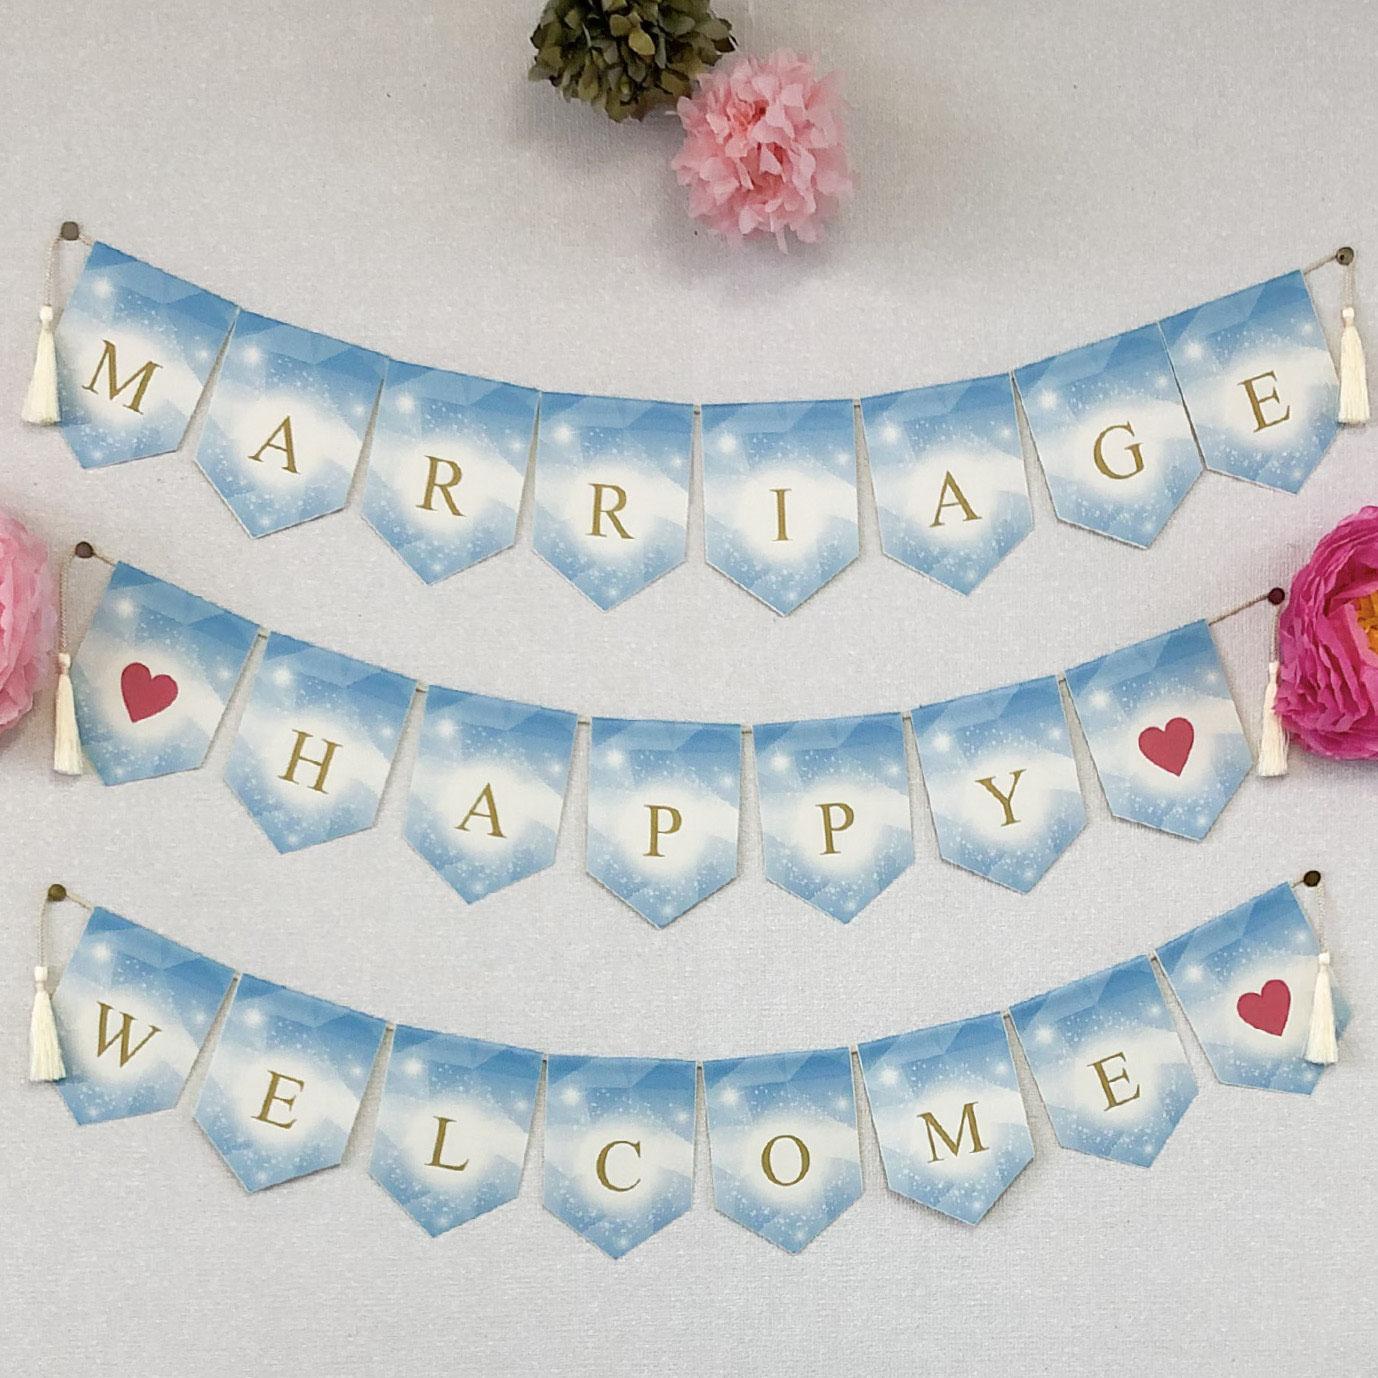 「婚姻届Laboオリジナル ガーランドキット」クリスタル メッセージ3種「MARRIAGE」「♡HAPPY♡」「WELCOME♡」